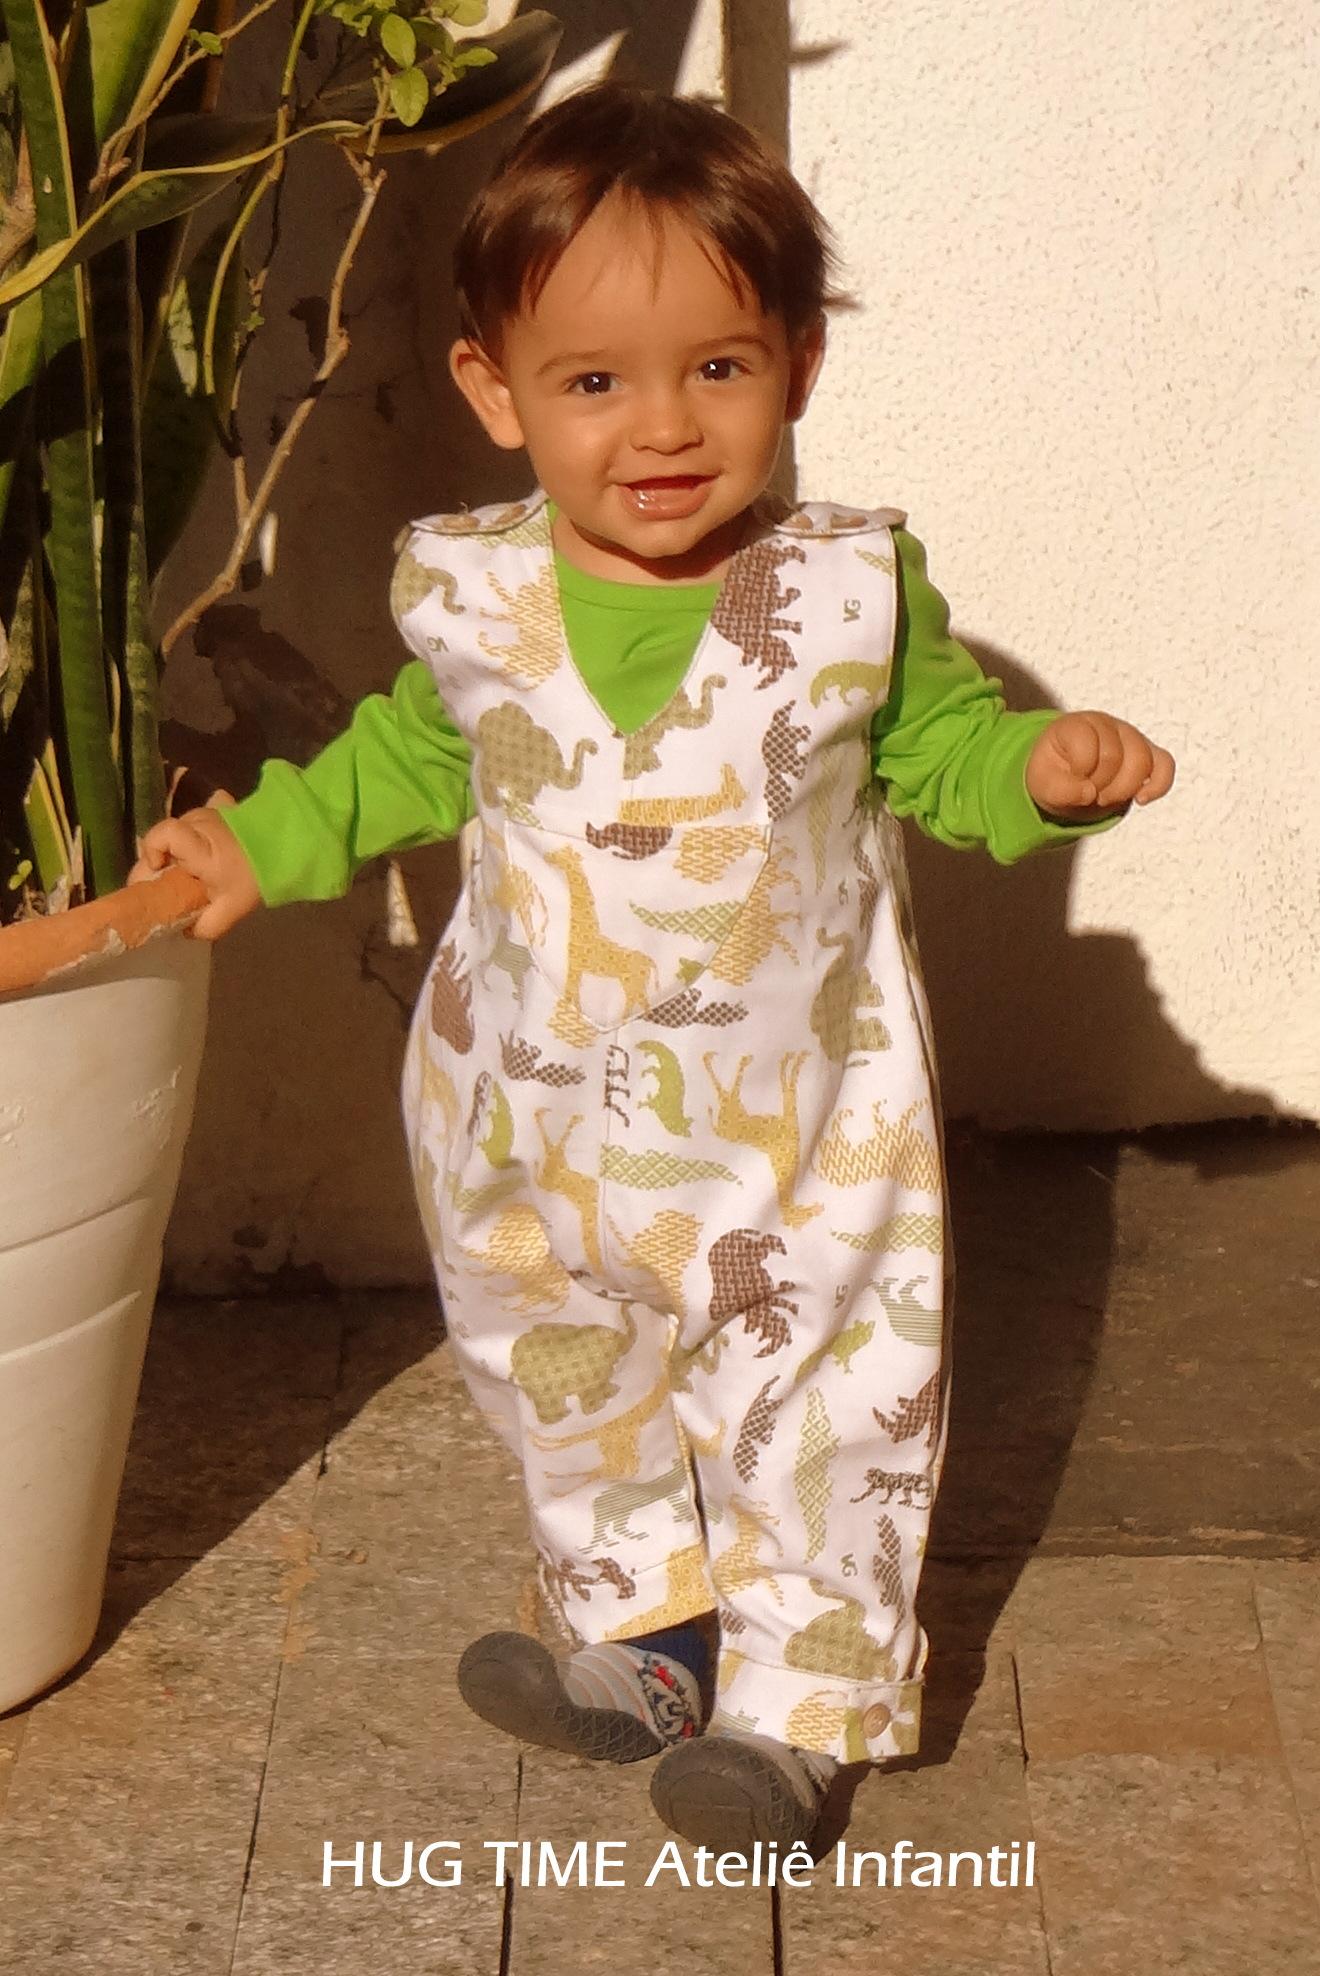 Jardineira infantil hug time ateli infantil elo7 for Jardineira infantil c a